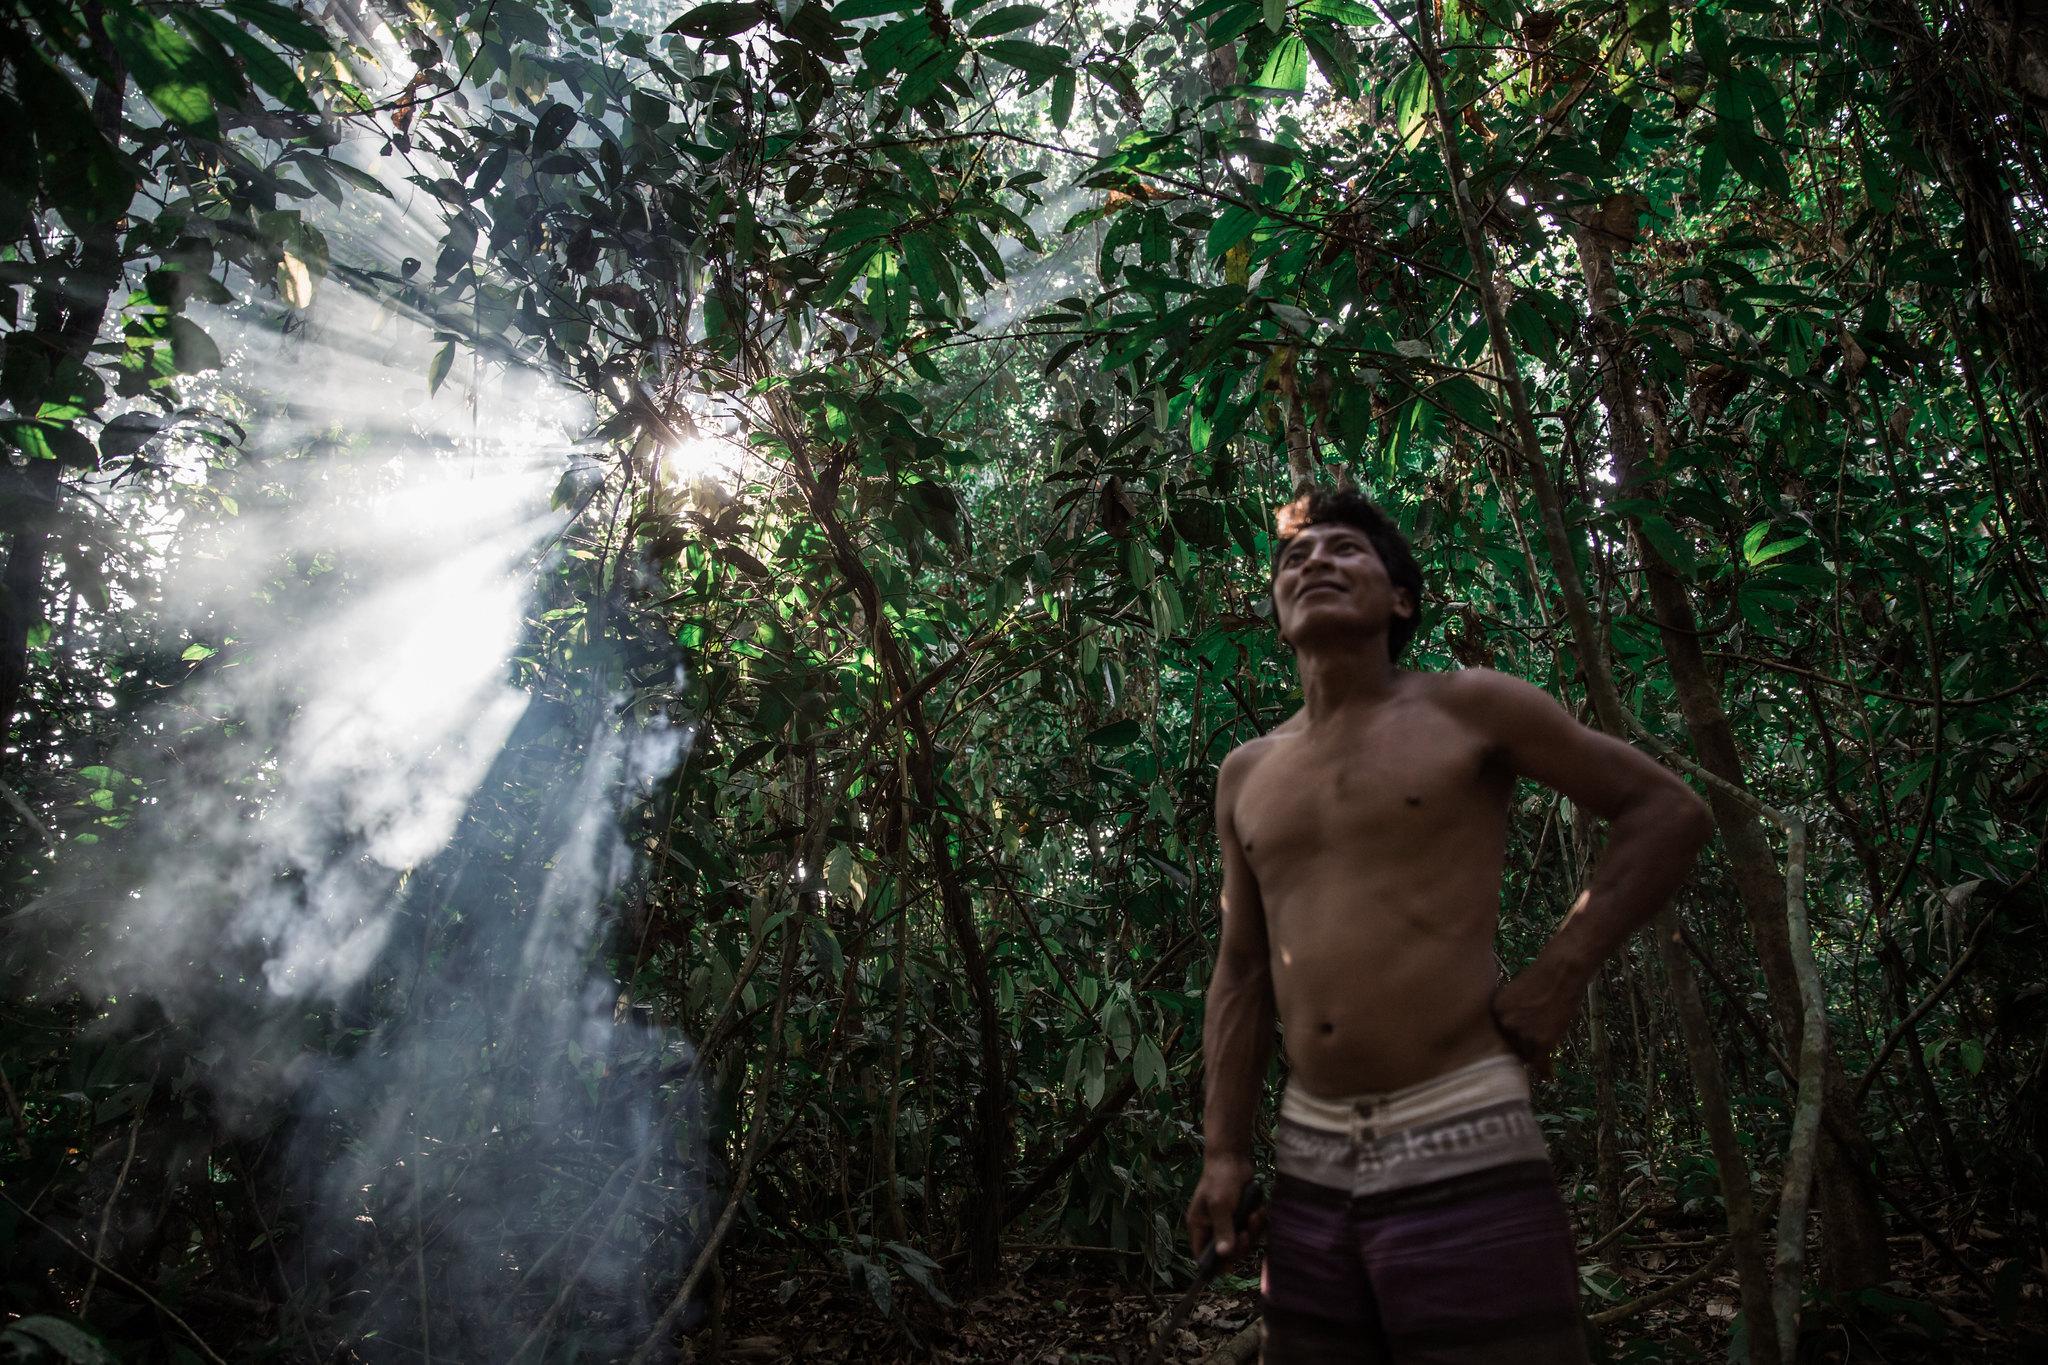 Coronavírus: enterro de indígena sem ritual requer diálogo entre lideranças e o Ministério da Saúde, dizem especialistas